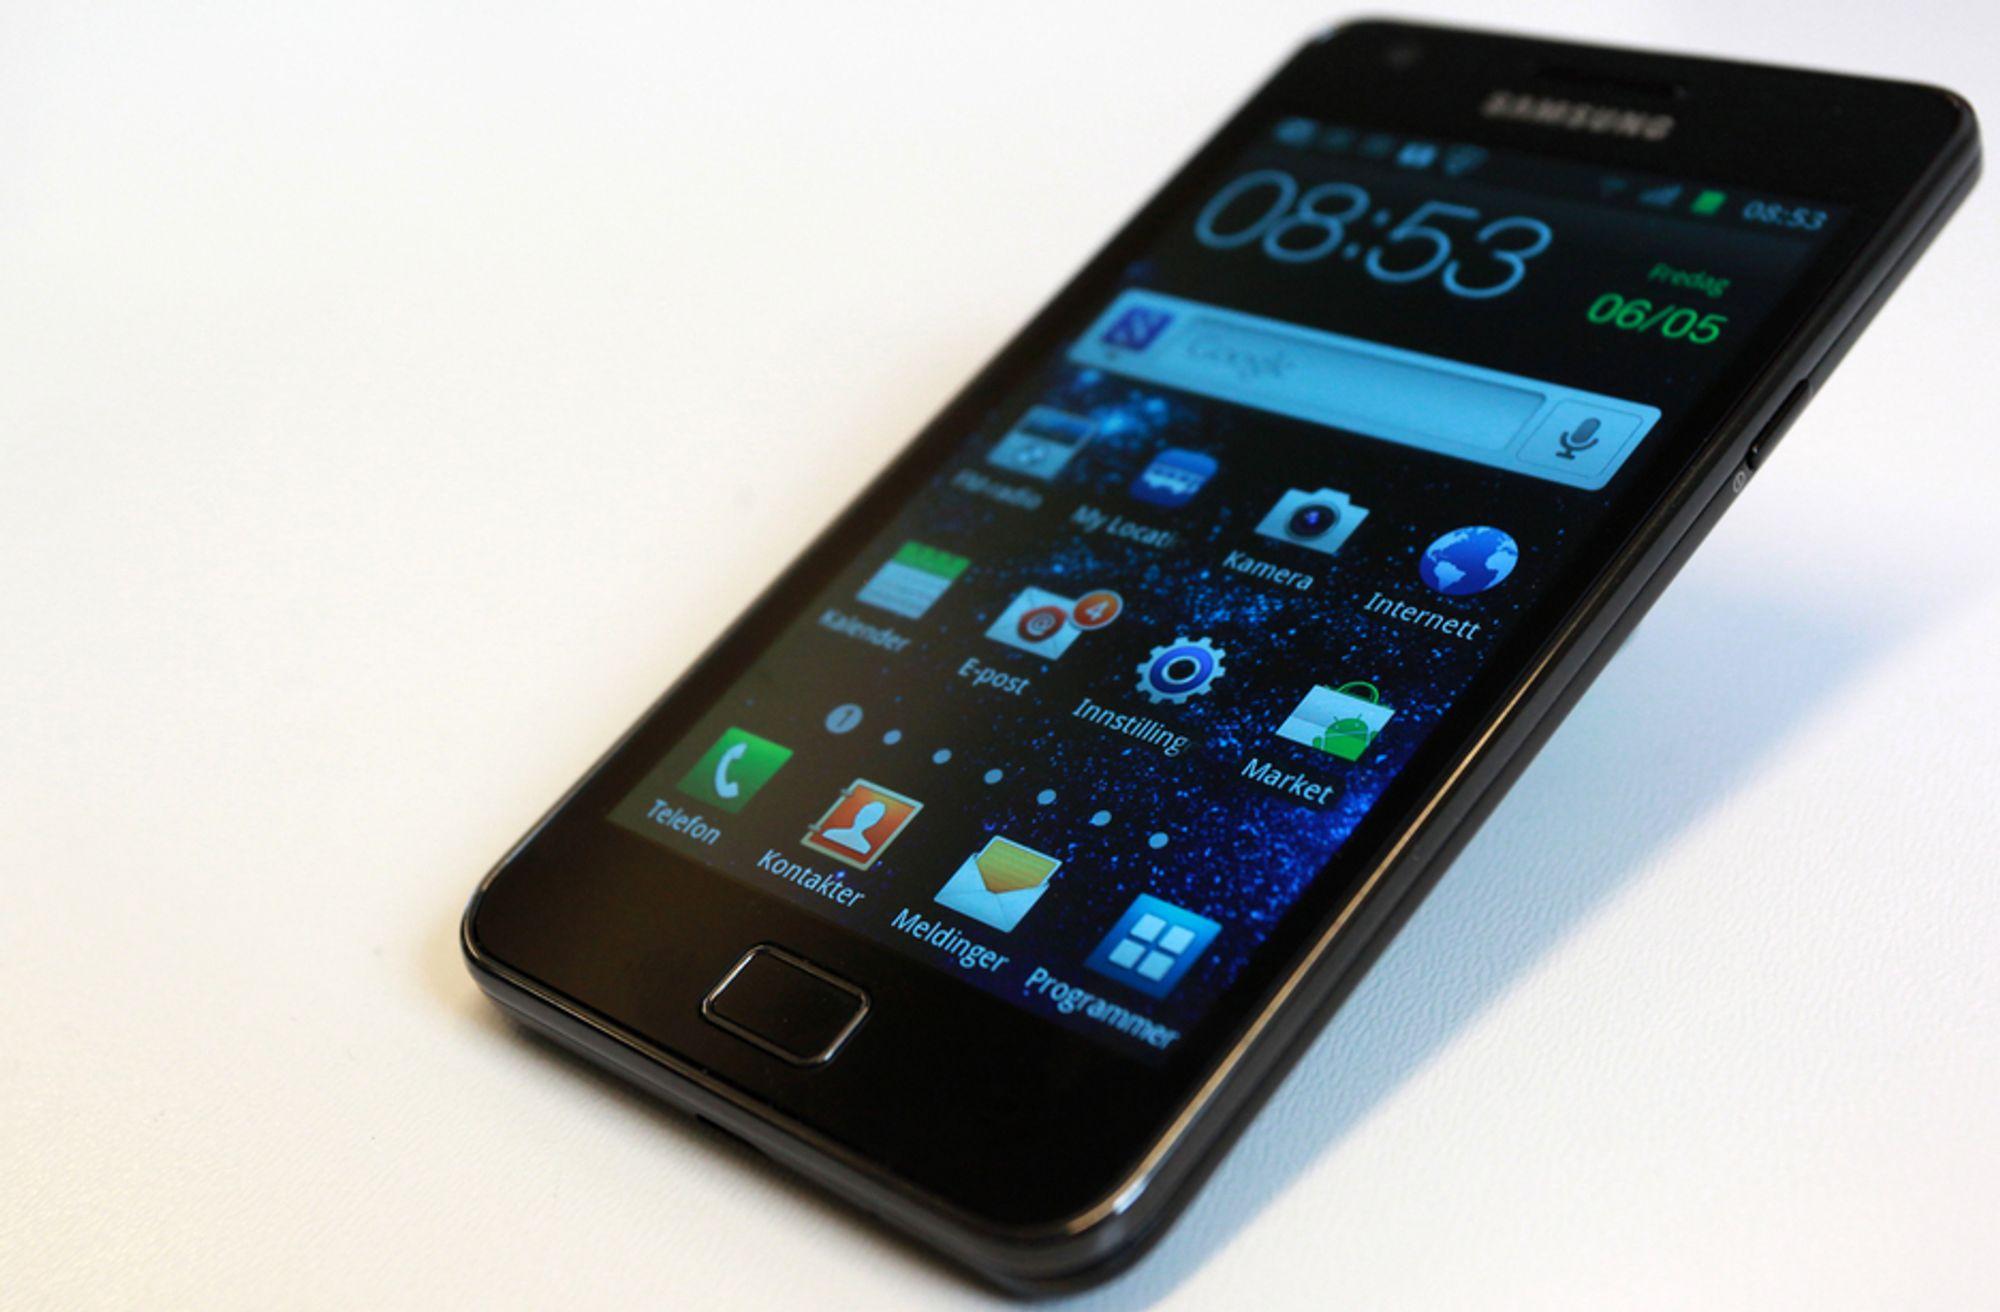 STØRST: Android-operativsystemet har nå over halvparten av markedet for smarttelefoner, og ingen har hatt større glede av det enn Samsung, som har hatt en formidabel vekst i markedsandeler. Ikke minst på grunn av nye Samsung Galaxy S II.